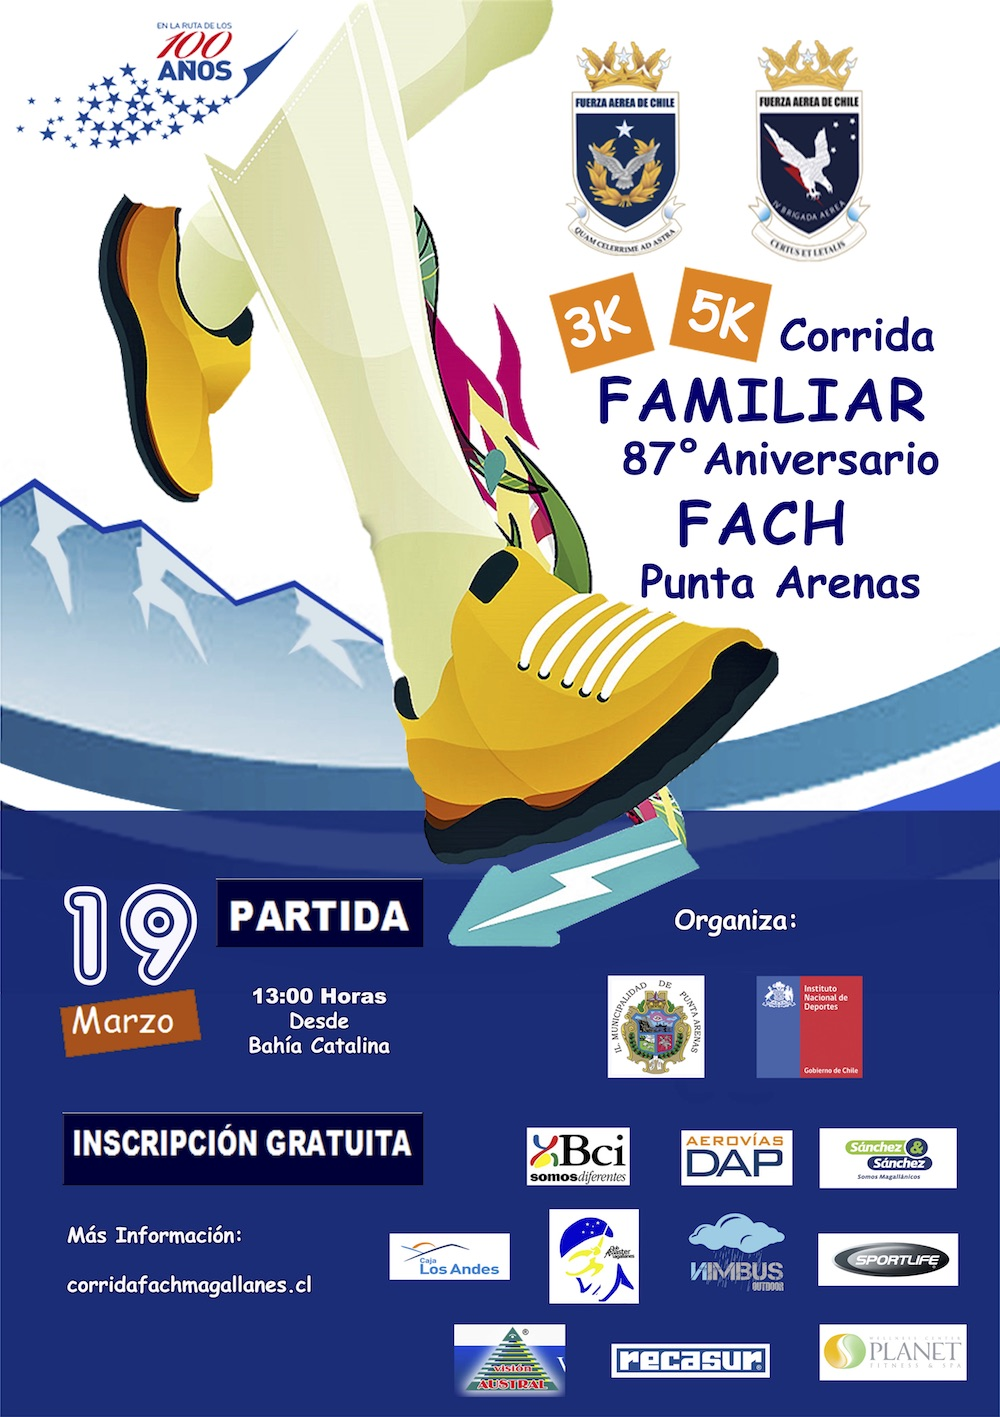 Imagen_Noticia_Este_fin_de_semana_se_viene_Corrida_de_la_Fach_en_Magallanes_2017